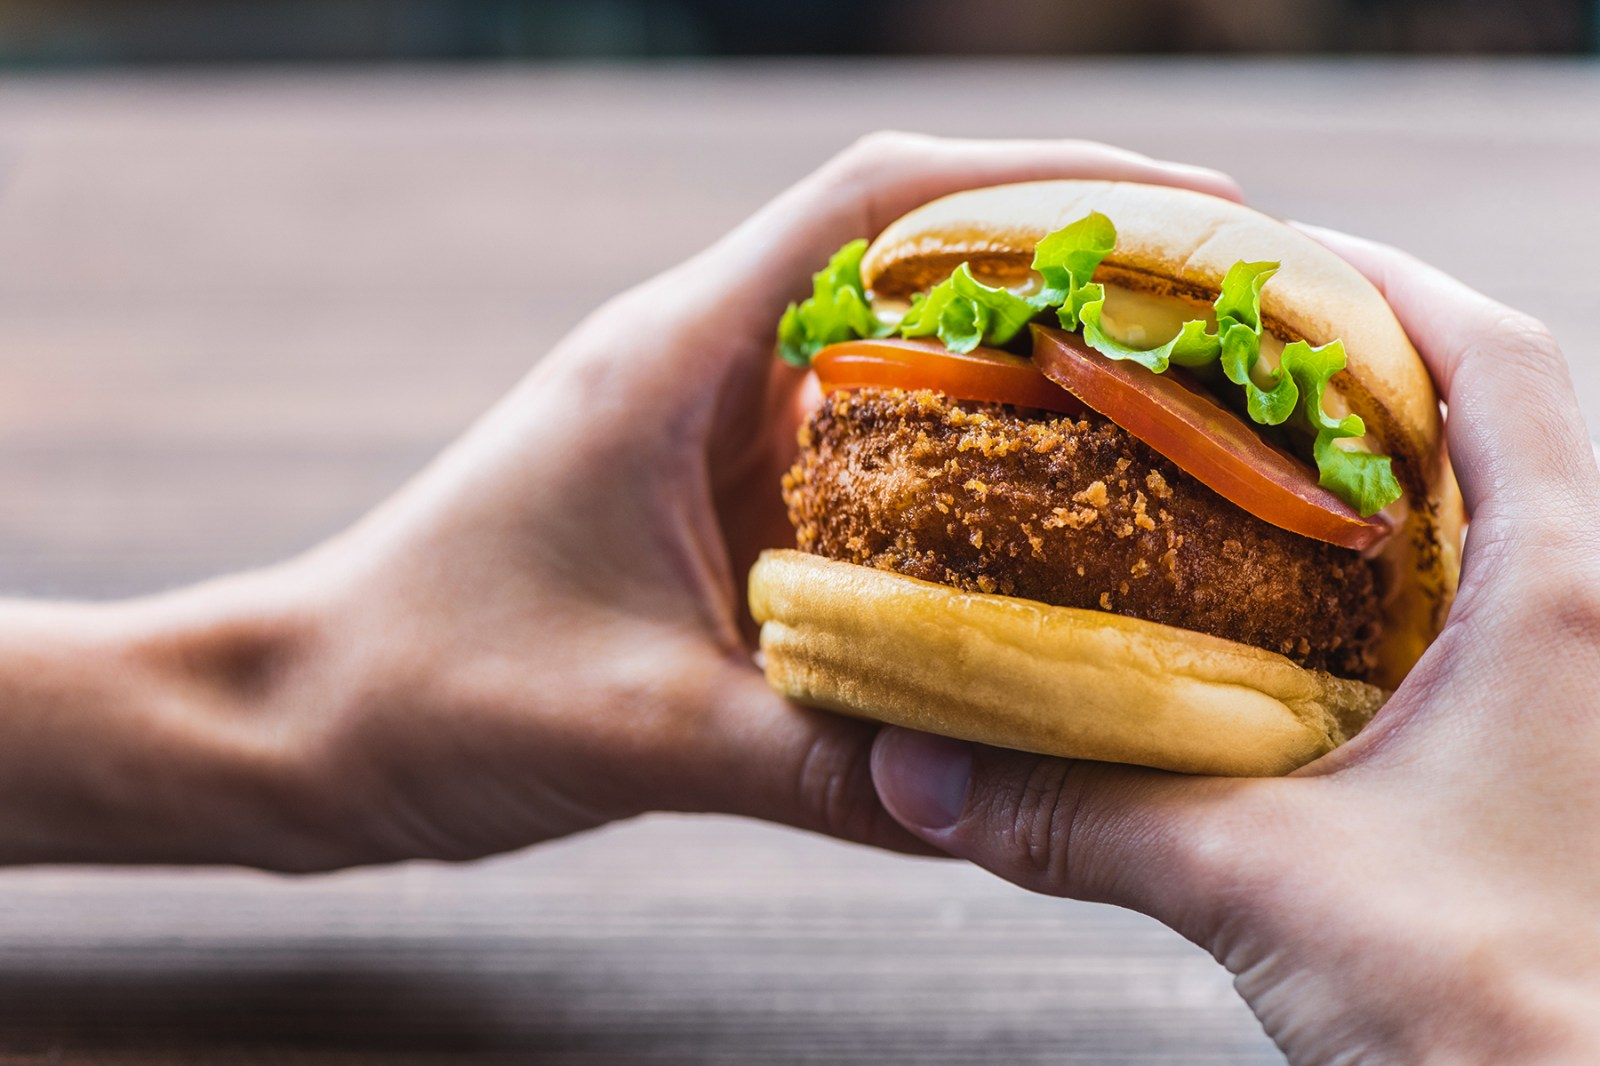 ELLELL 精选 10 间上海潮流汉堡店 -10-burger-shops-in-shanghai-shake-shack-03